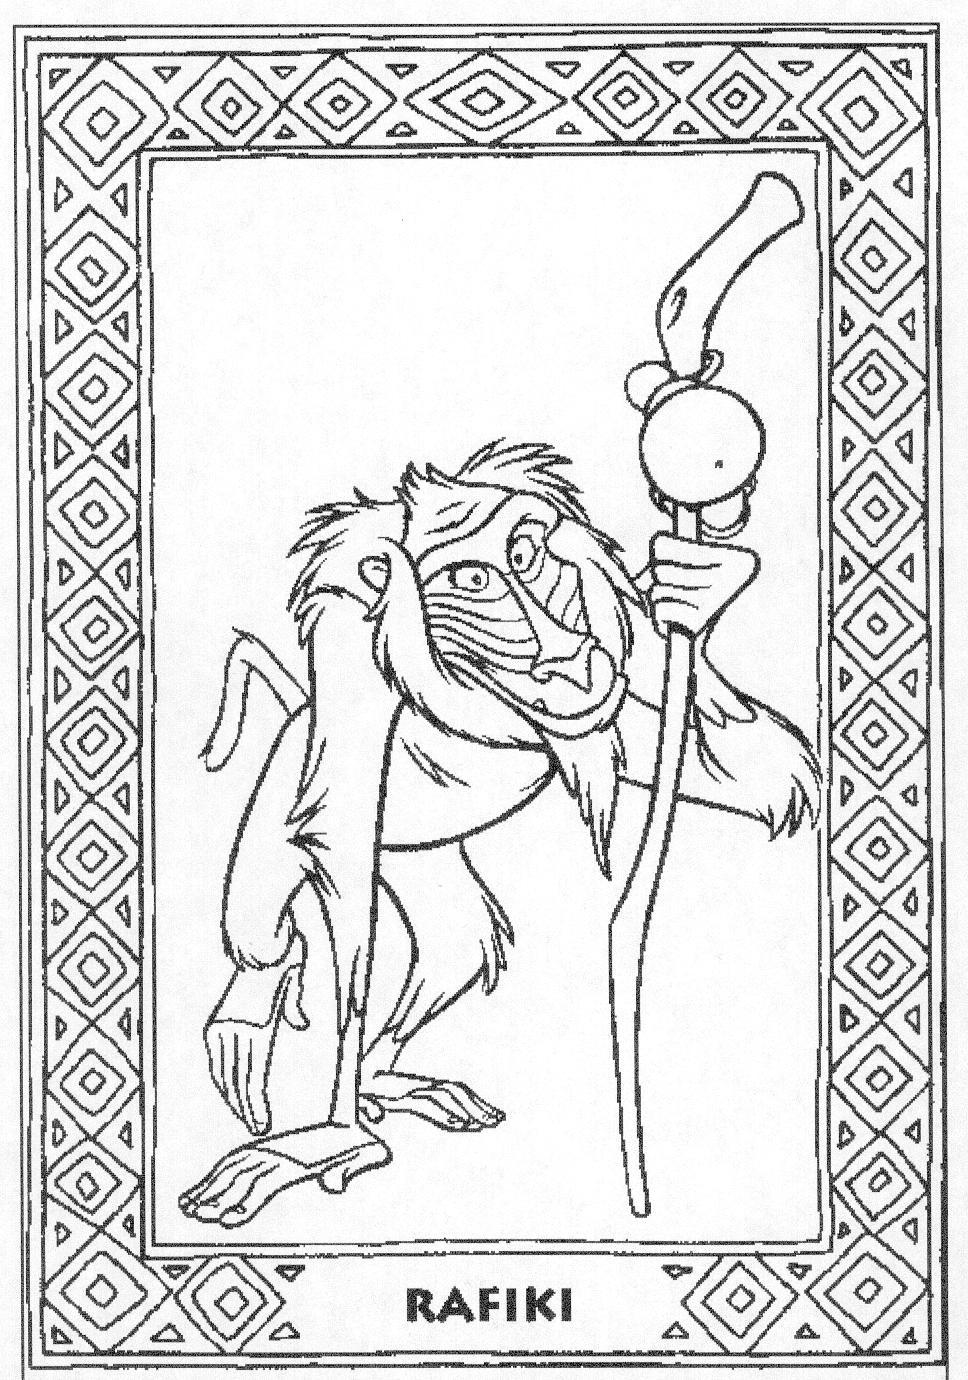 El rey leon Dibujos para Colorear - DisneyDibujos.com